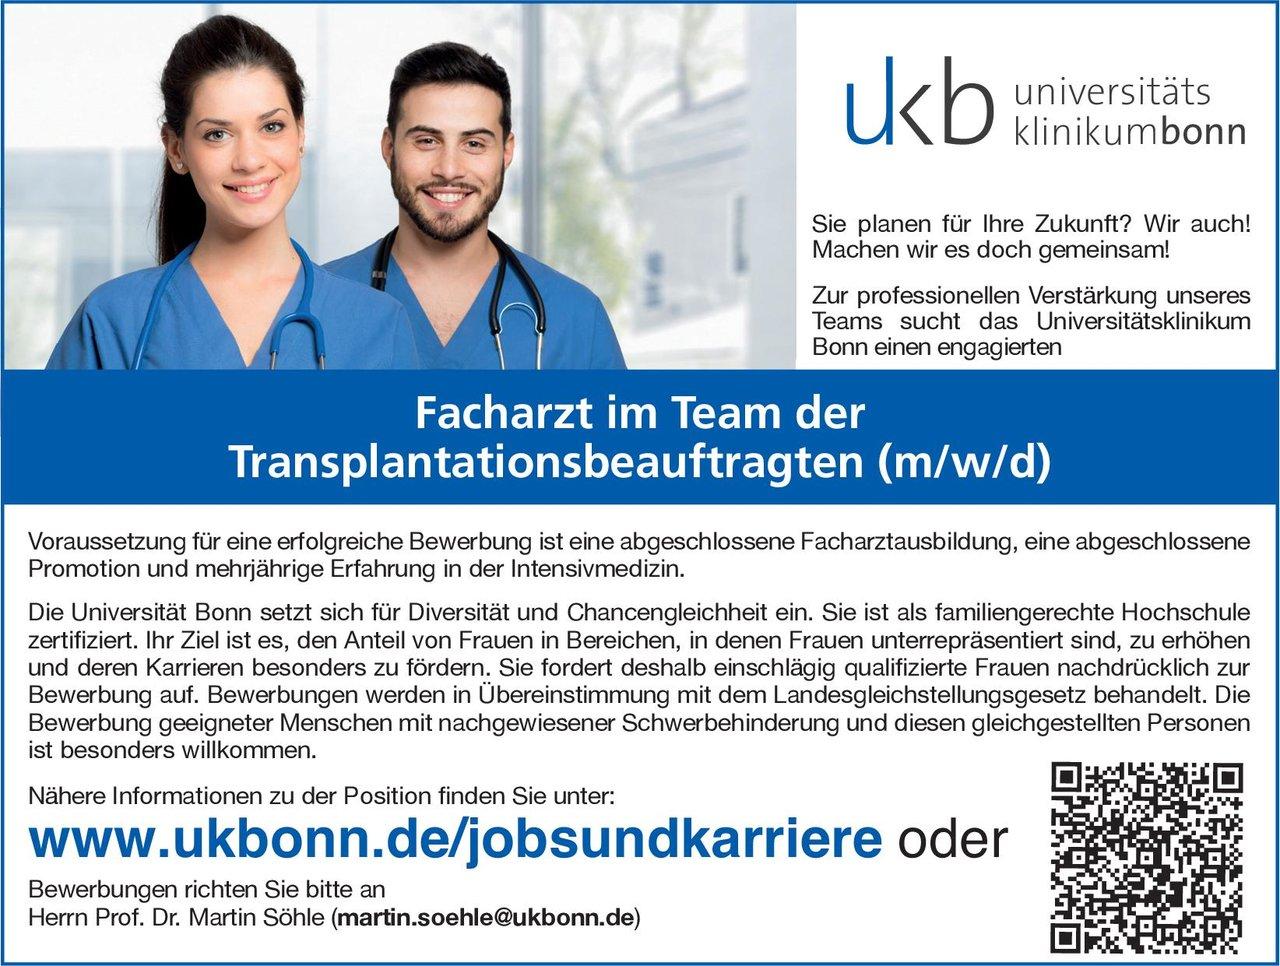 Universitätsklinikum Bonn Facharzt im Team der Transplantationsbeauftragten (m/w/d)  Allgemeinchirurgie, Allgemeinmedizin, Chirurgie Arzt / Facharzt